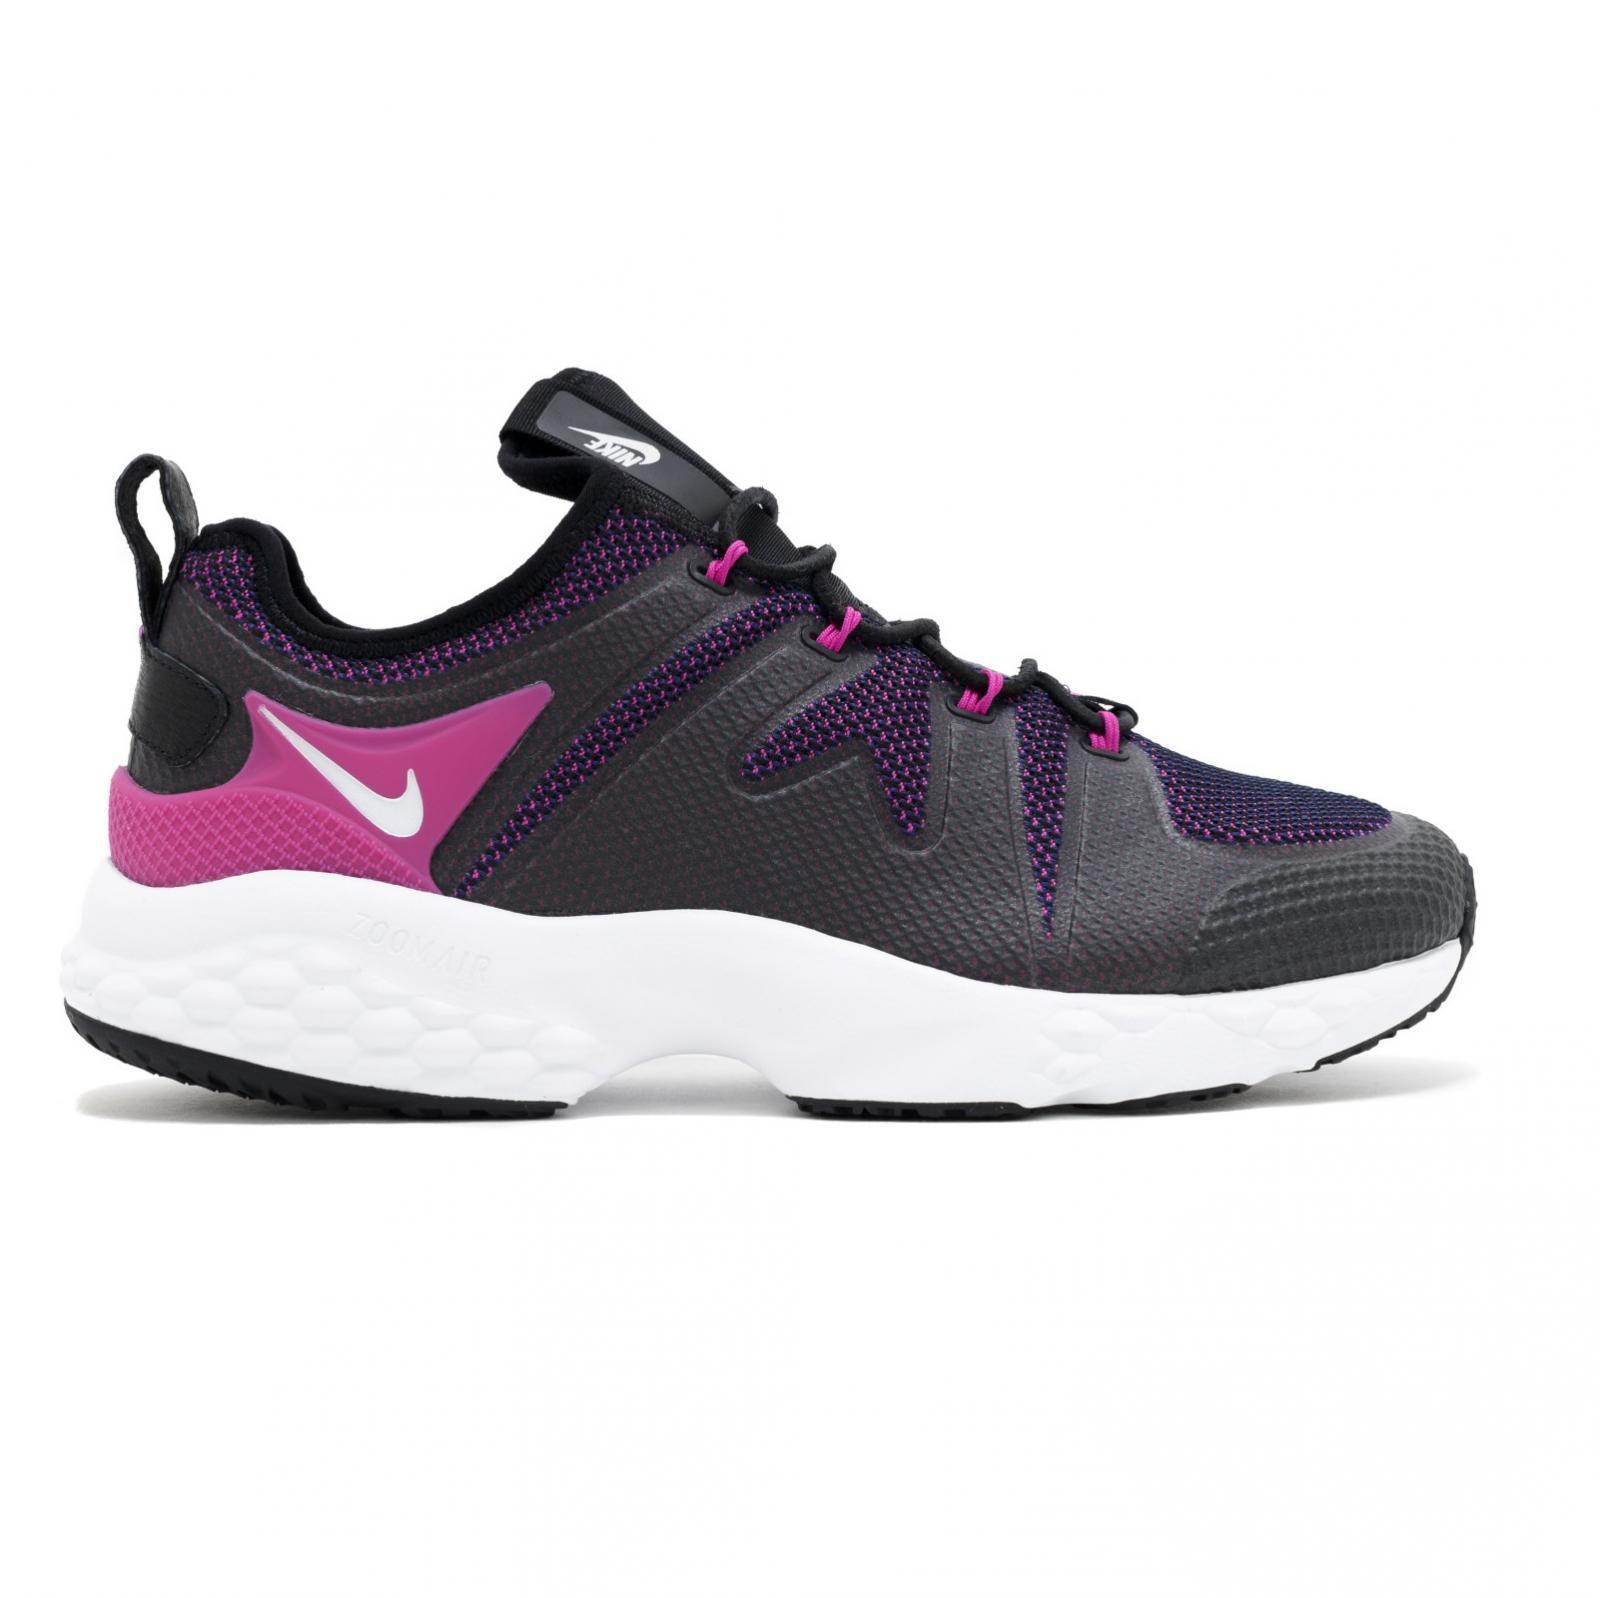 Homme Nike Air Zoom Lwp 16 JCRD KJ Noir paniers 878223 610